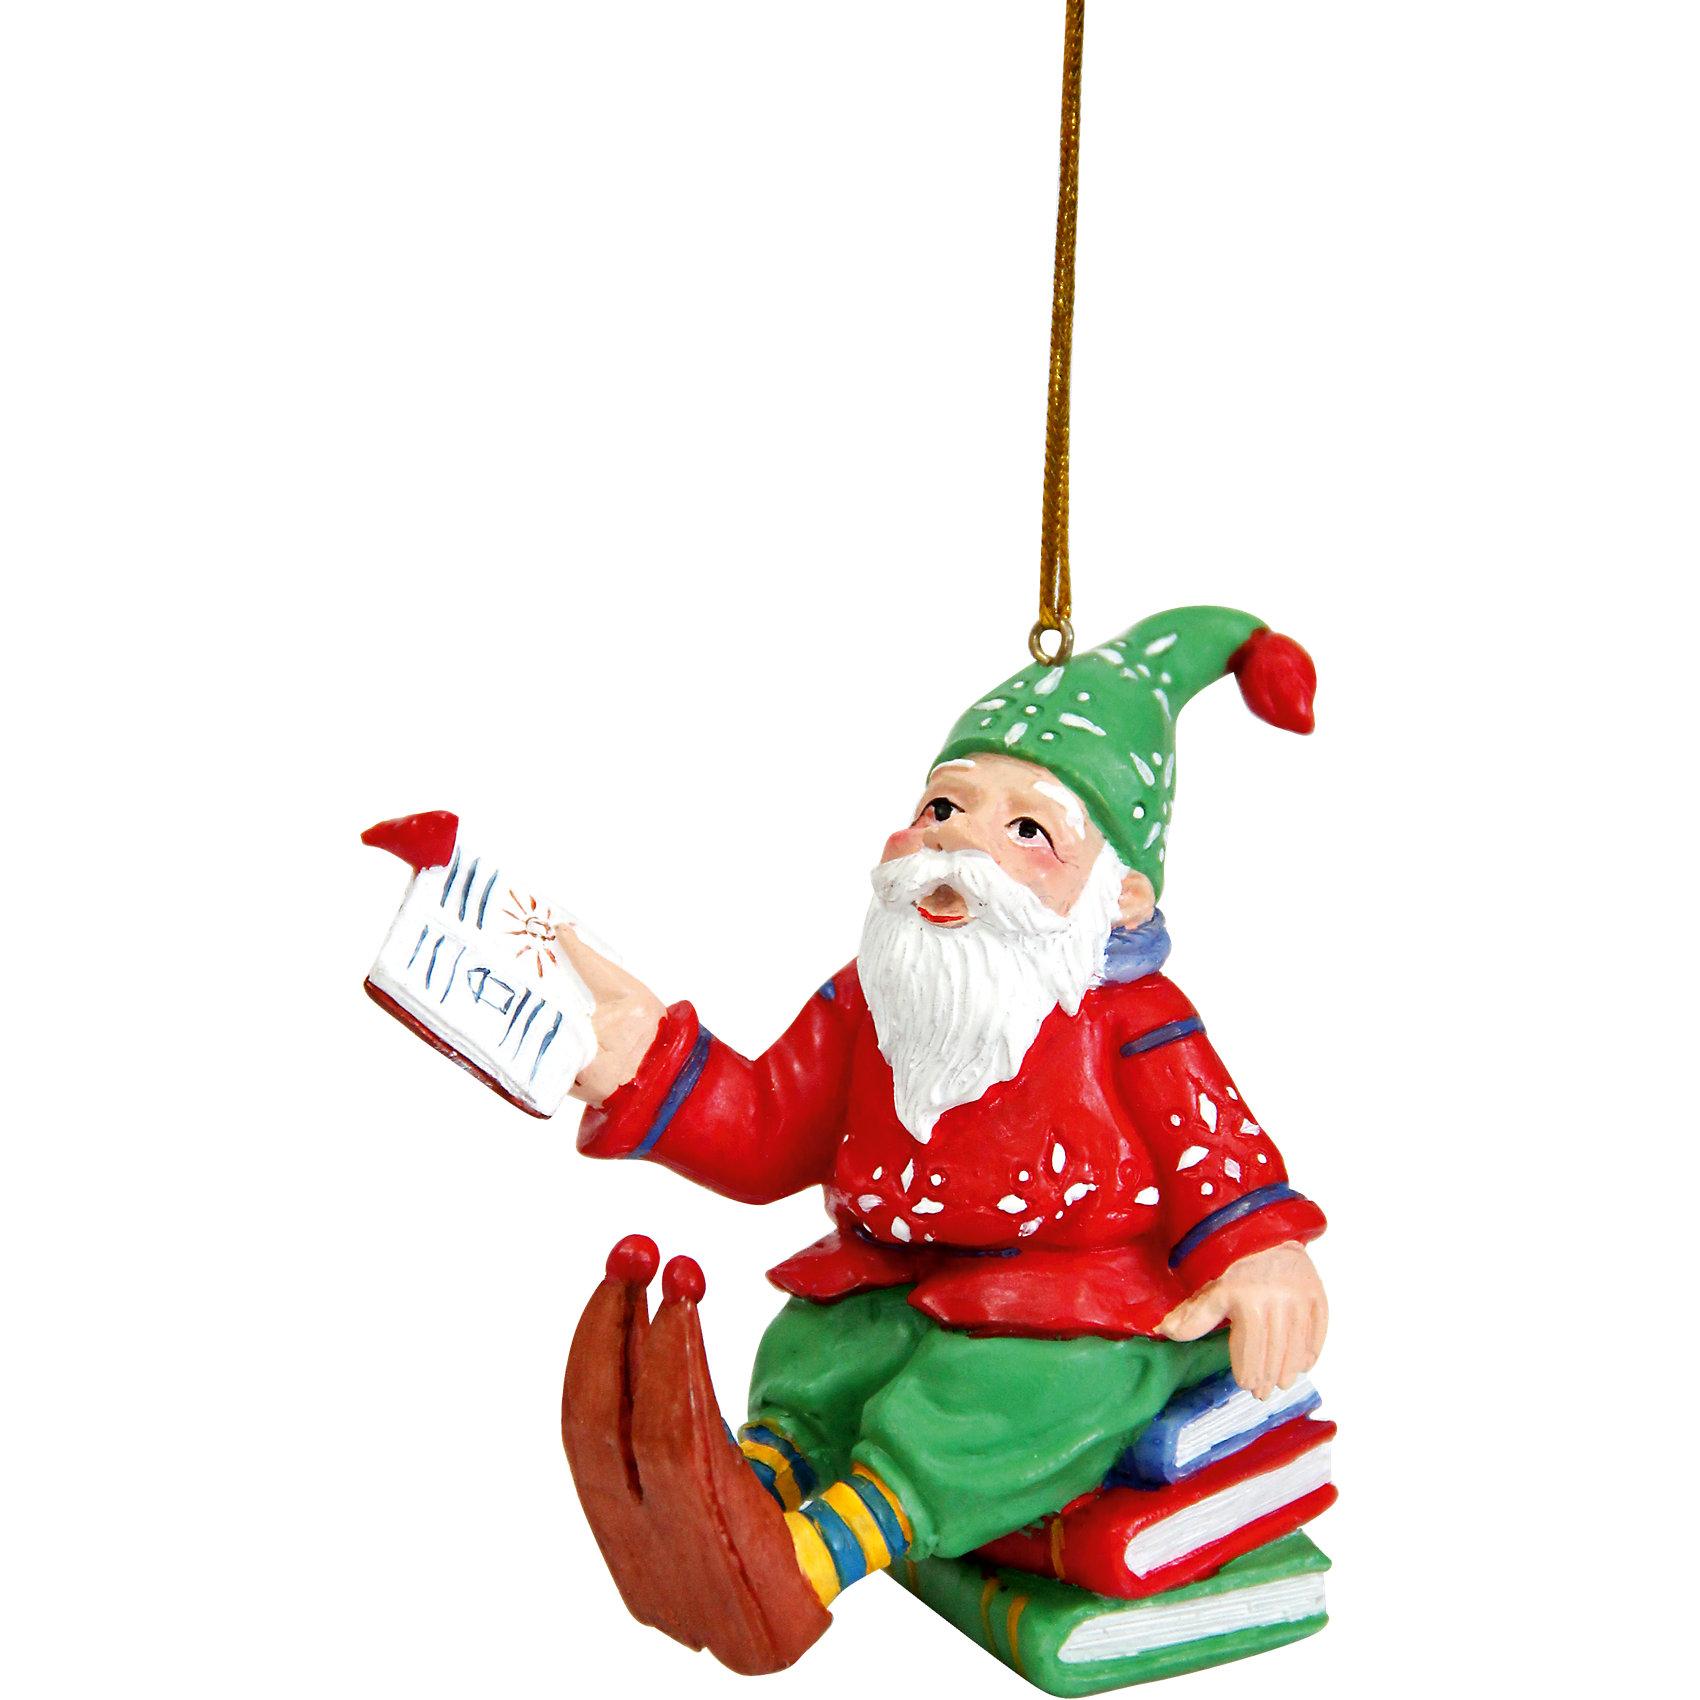 Украшение Ученый гномУкрашение Ученый гном, Феникс-Презент, замечательно украсит Вашу новогоднюю елку или интерьер и создаст праздничное новогоднее настроение. Украшение выполнено в виде забавного гномика, сидящего на стопке книг. Имеется специальная петелька, за которую игрушку можно повесить в любом понравившемся Вам месте.<br><br>Дополнительная информация:<br><br>- Материал: полирезина.<br>- Размер фигурки: 7,8 х 4,3 х 7 см.<br>- Размер упаковки: 9 х 6 х 8 см.<br>- Вес: 100 гр. <br><br>Украшение Ученый гном, Феникс-Презент, можно купить в нашем интернет-магазине.<br><br>Ширина мм: 90<br>Глубина мм: 60<br>Высота мм: 80<br>Вес г: 100<br>Возраст от месяцев: 36<br>Возраст до месяцев: 2147483647<br>Пол: Унисекс<br>Возраст: Детский<br>SKU: 4276564